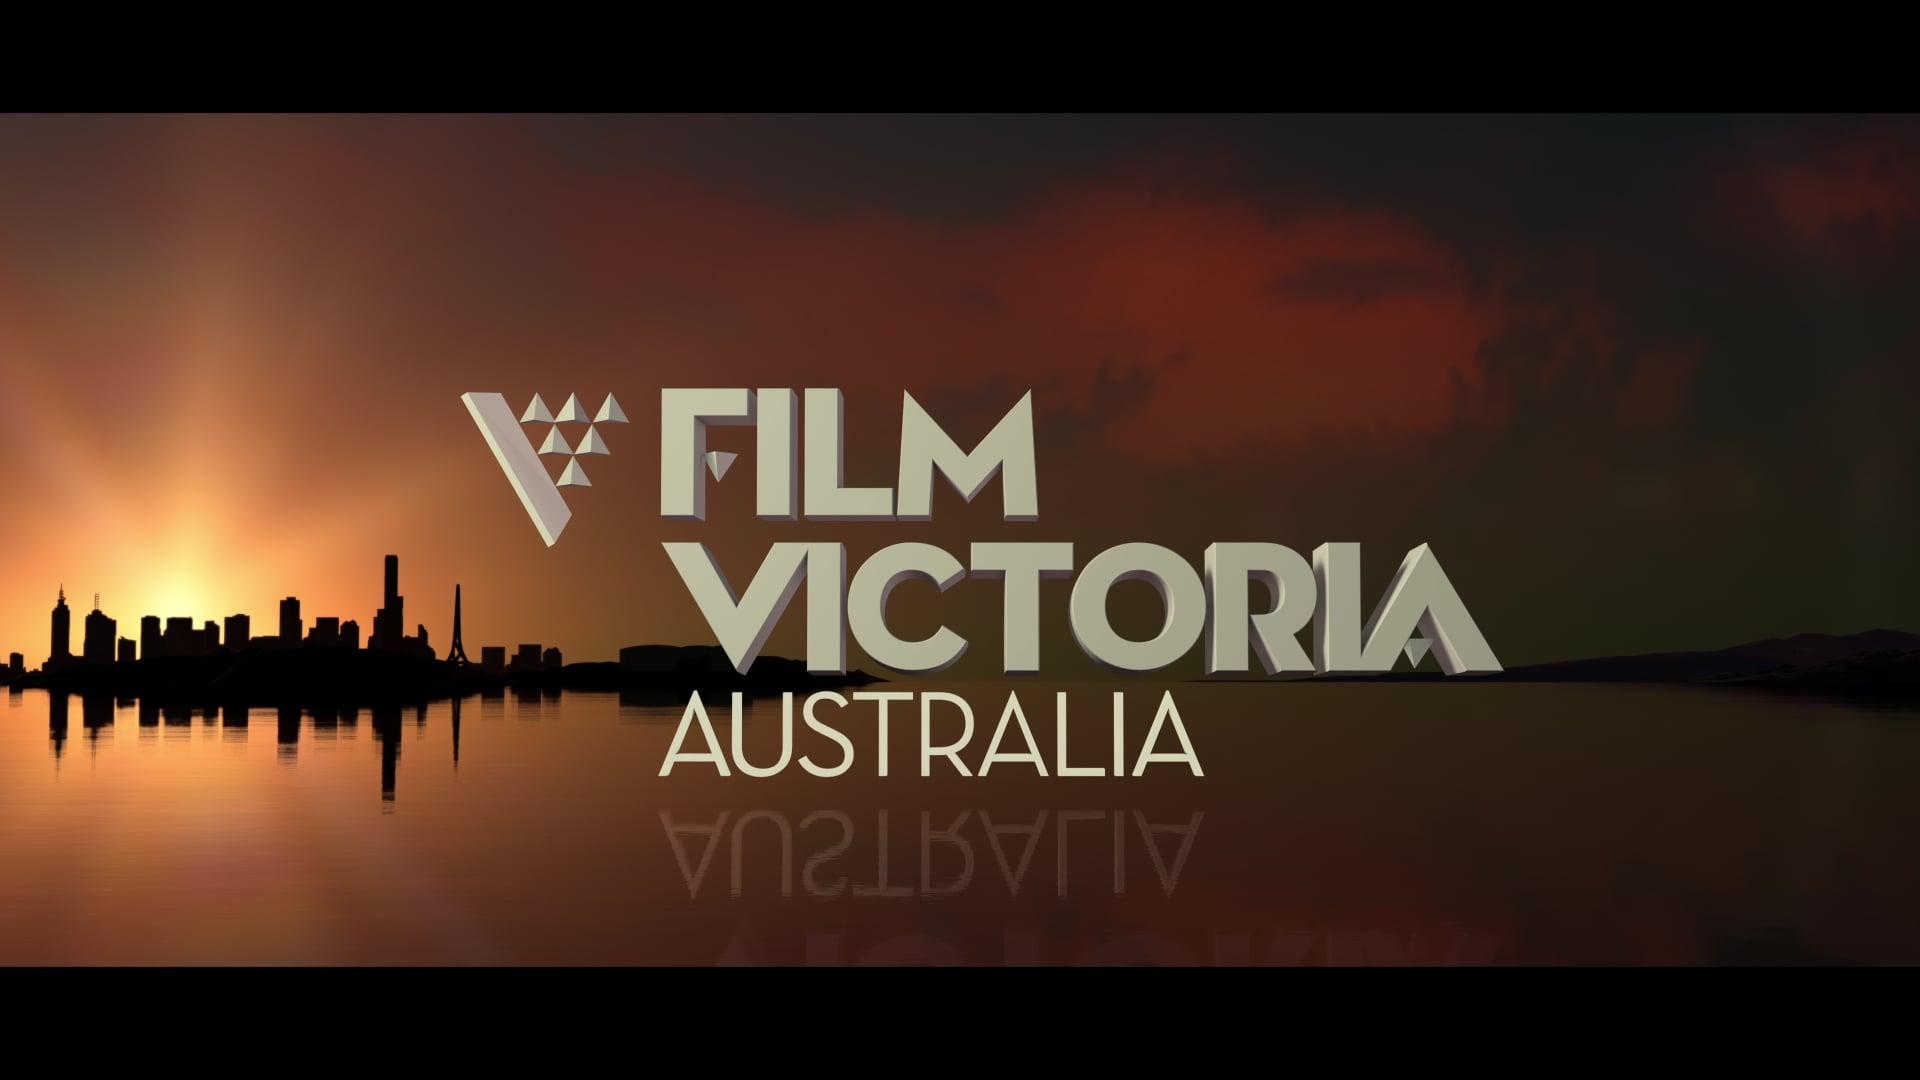 Film Victoria (Cinematic Logo Reveal)